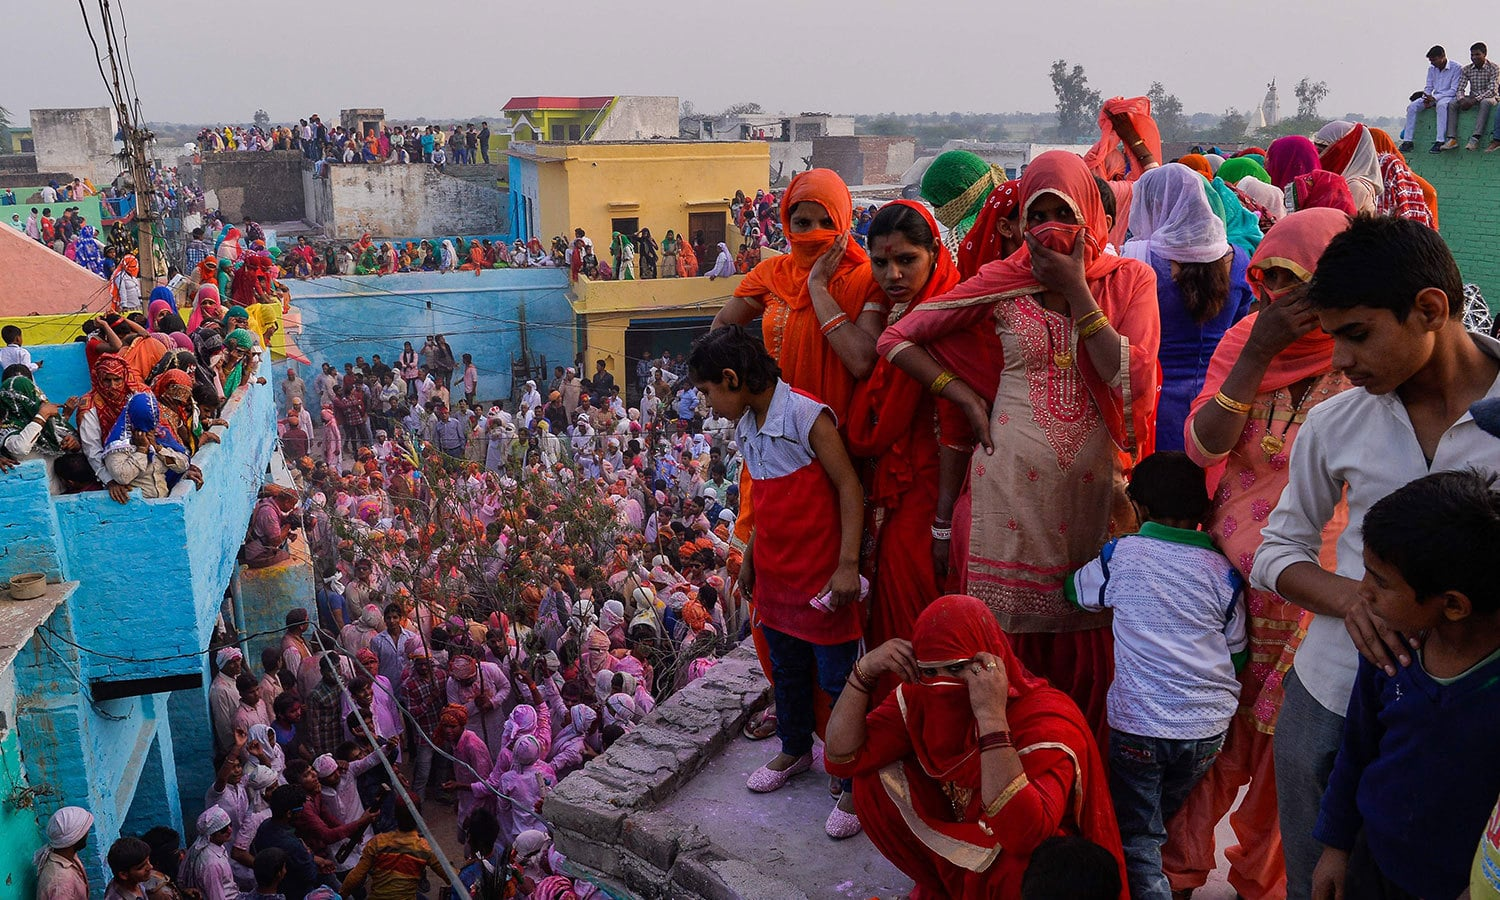 بھارت میں کوئی گلی یا محلہ ایسا نہیں ہوتا جہاں رنگوں کی برسات نہ ہو — فوٹو / اے ایف پی